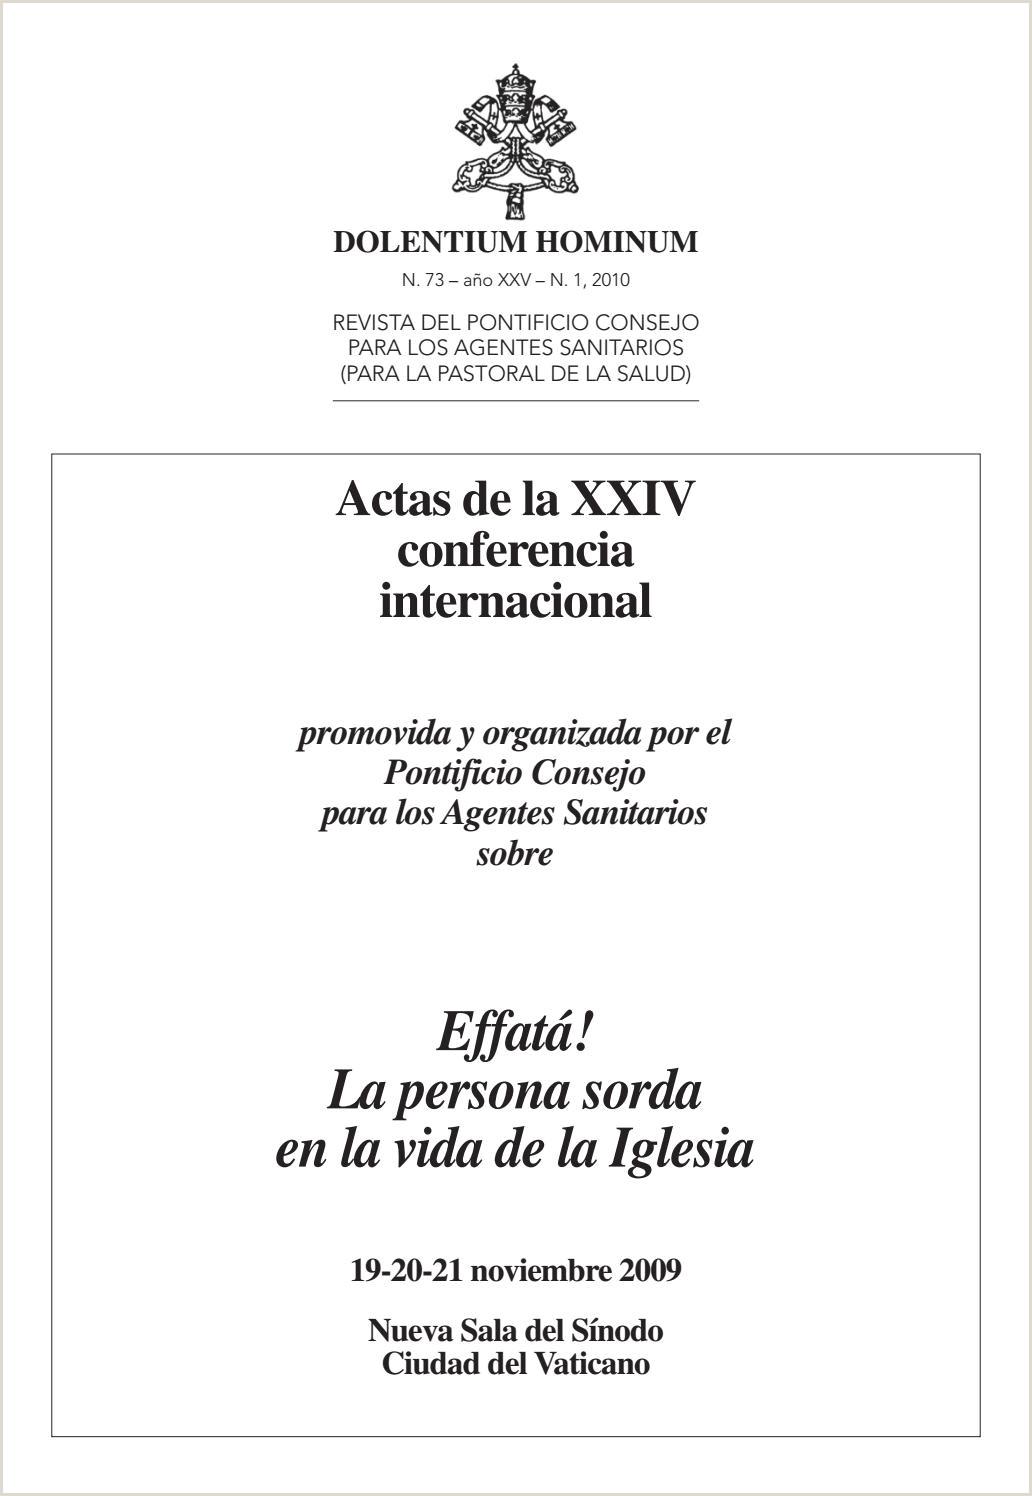 Crear Mi Hoja De Vida Minerva Conferencia Internacional La Persona sorda En La Vida De La